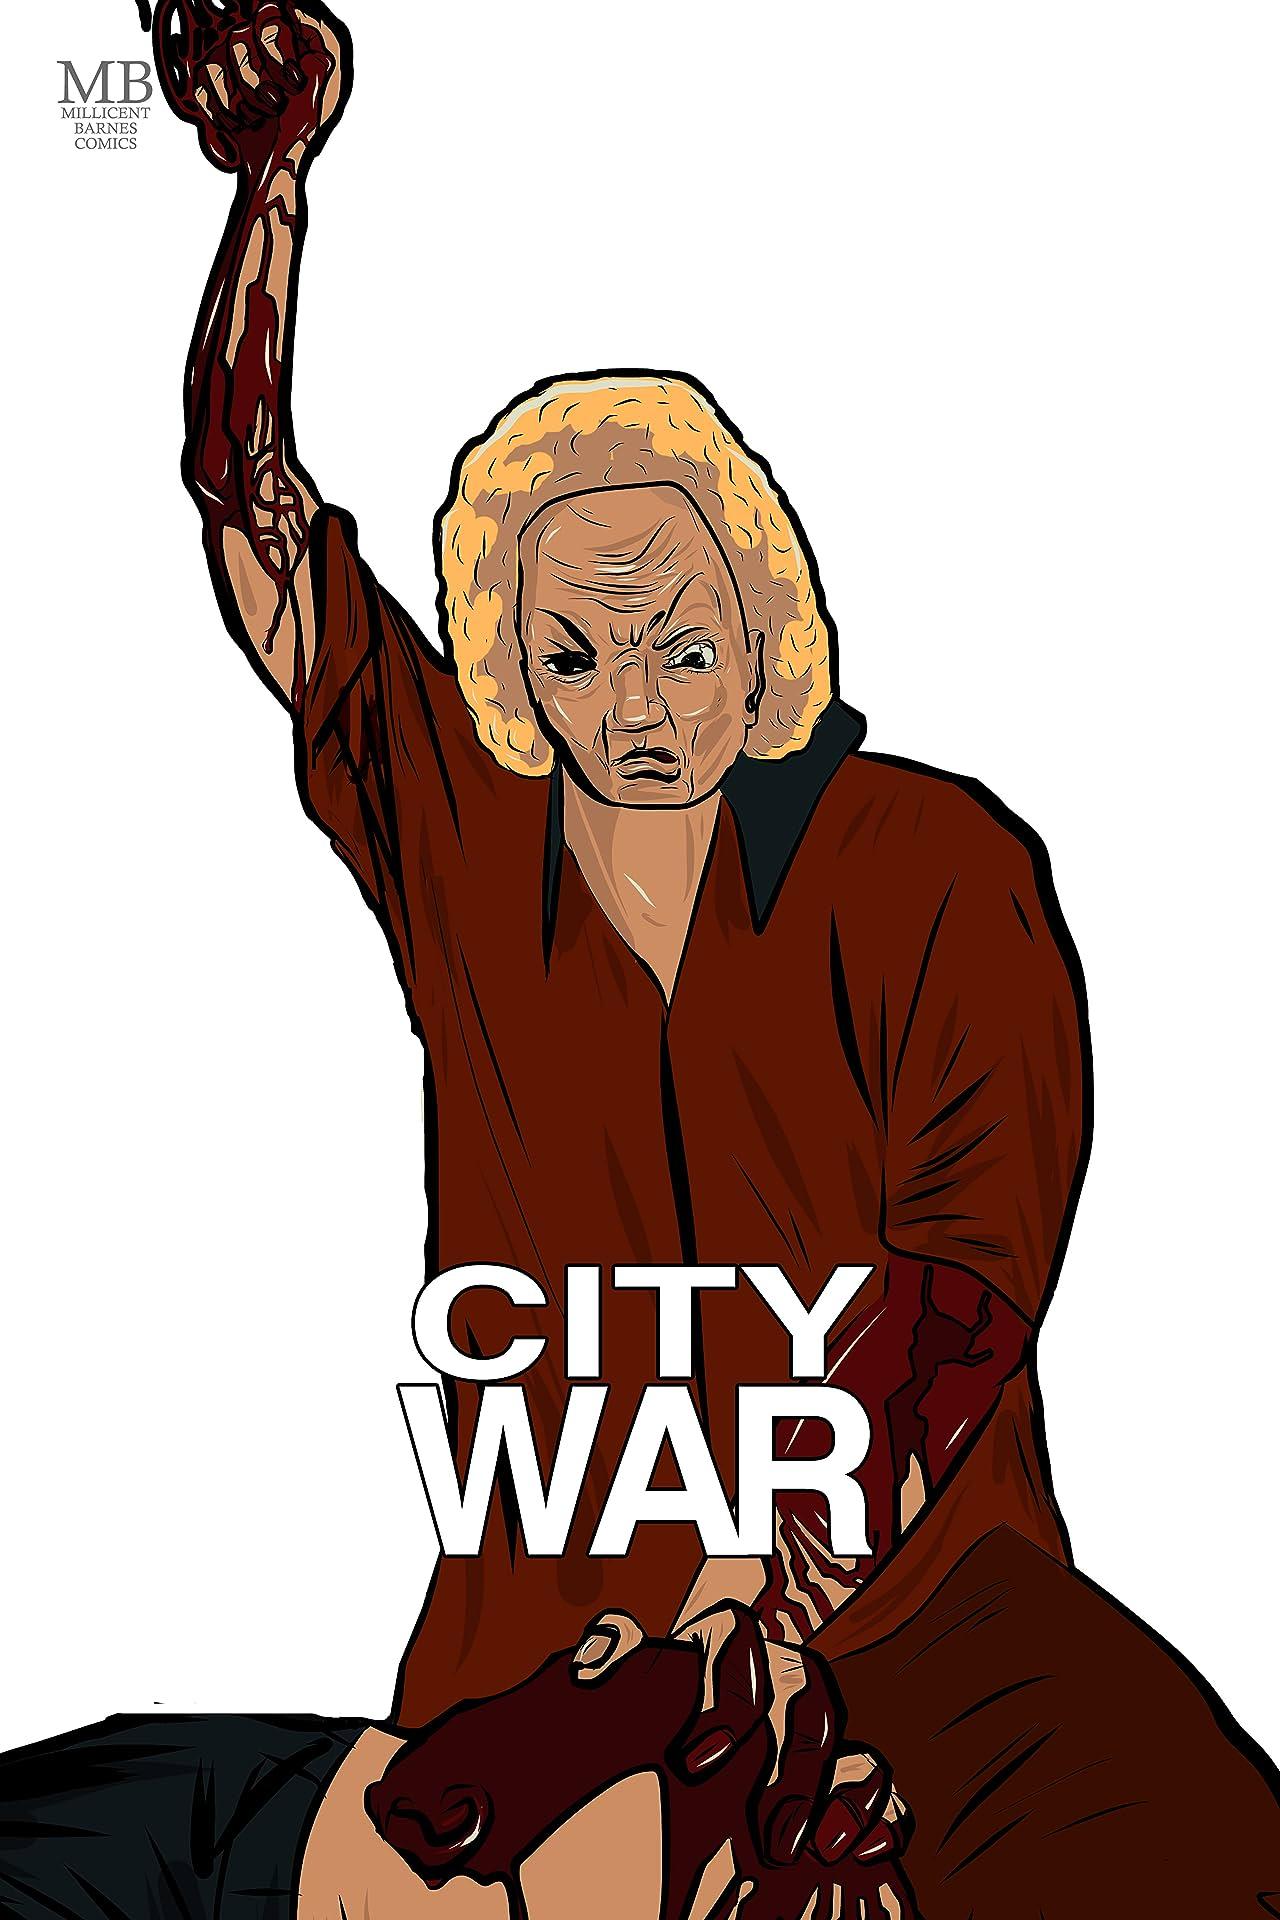 City War #4